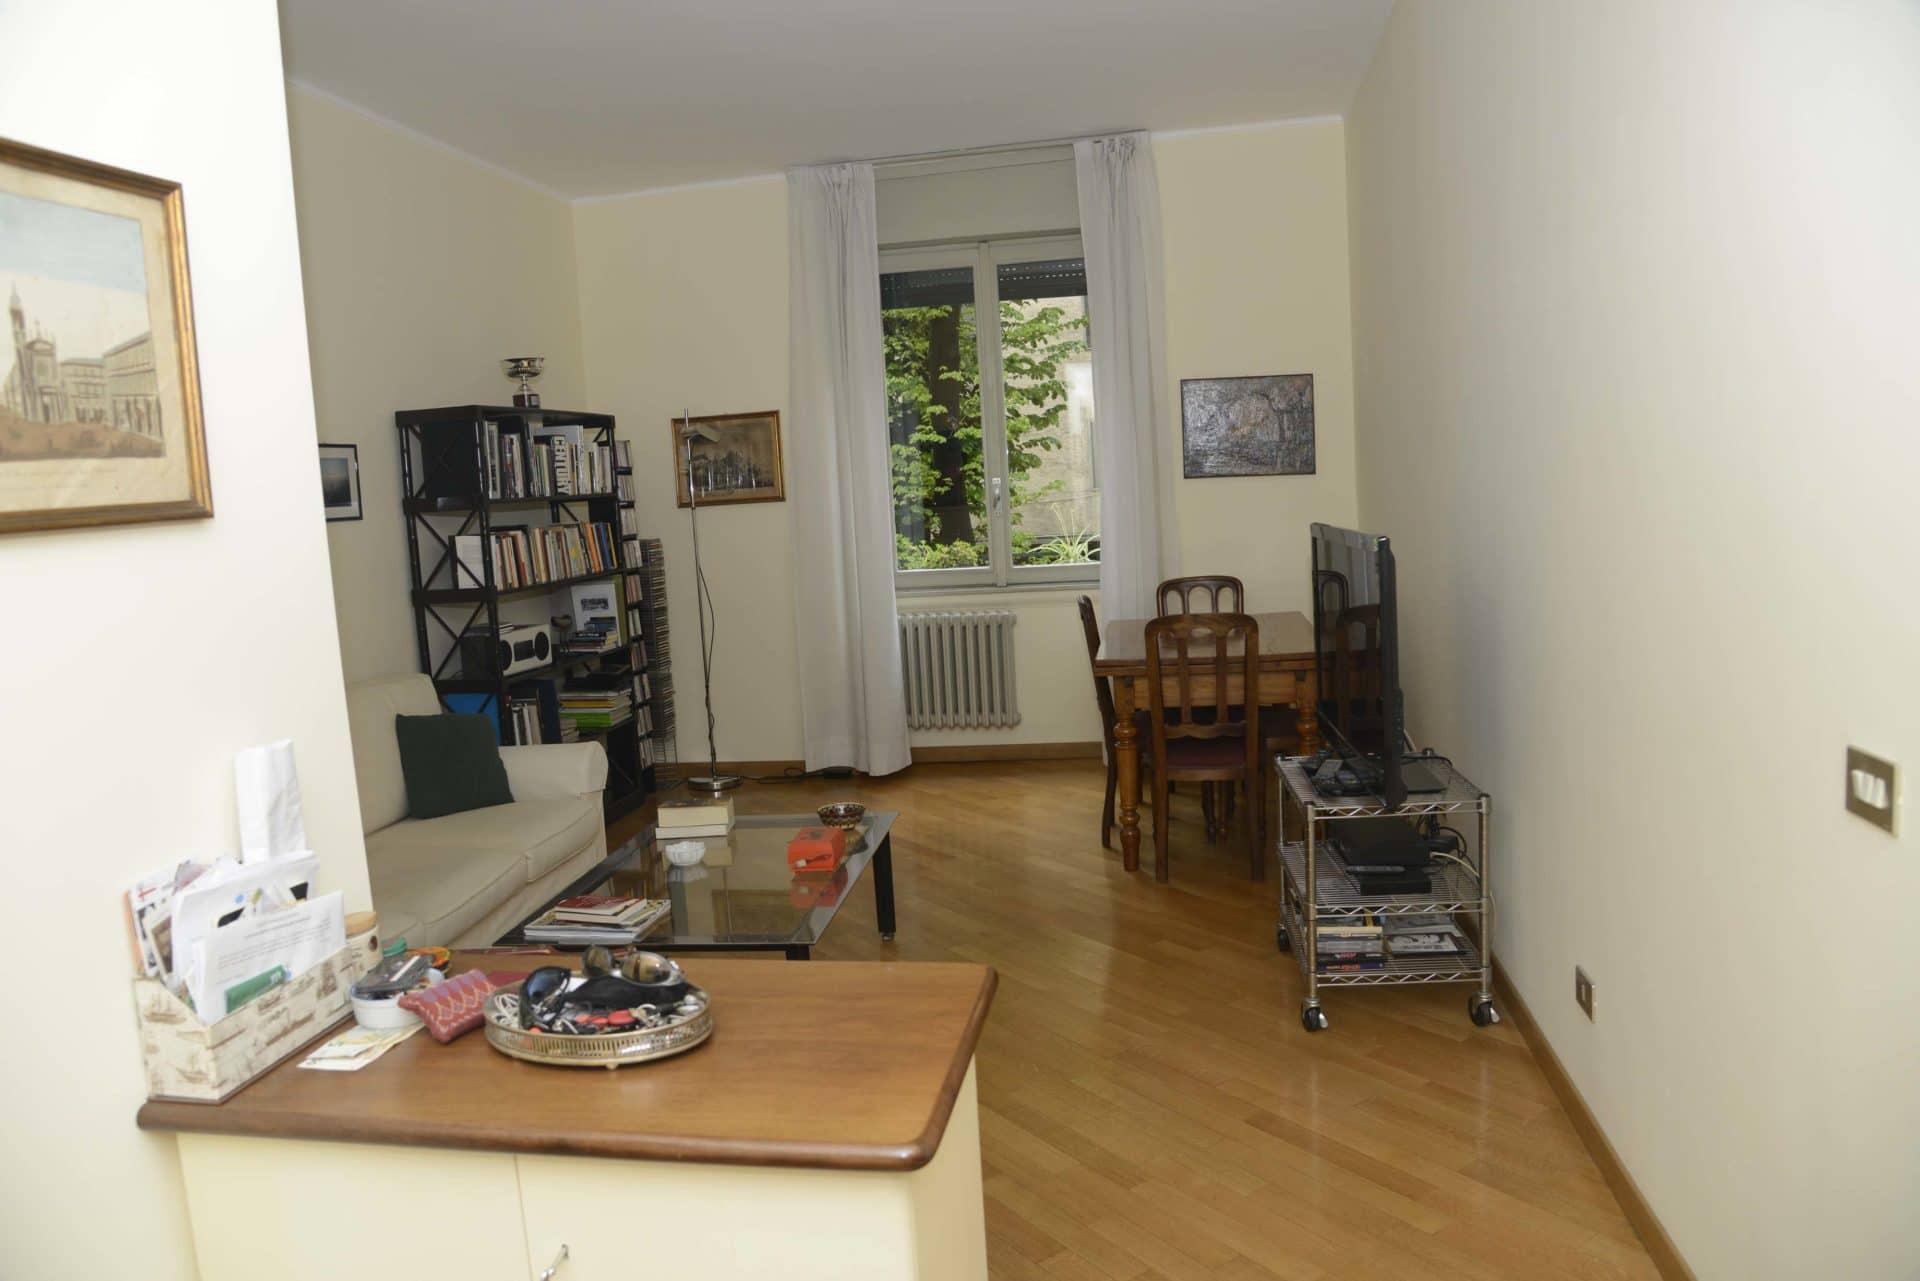 Appartamento per vacanze a Milano, Le stanze di Alice, sala